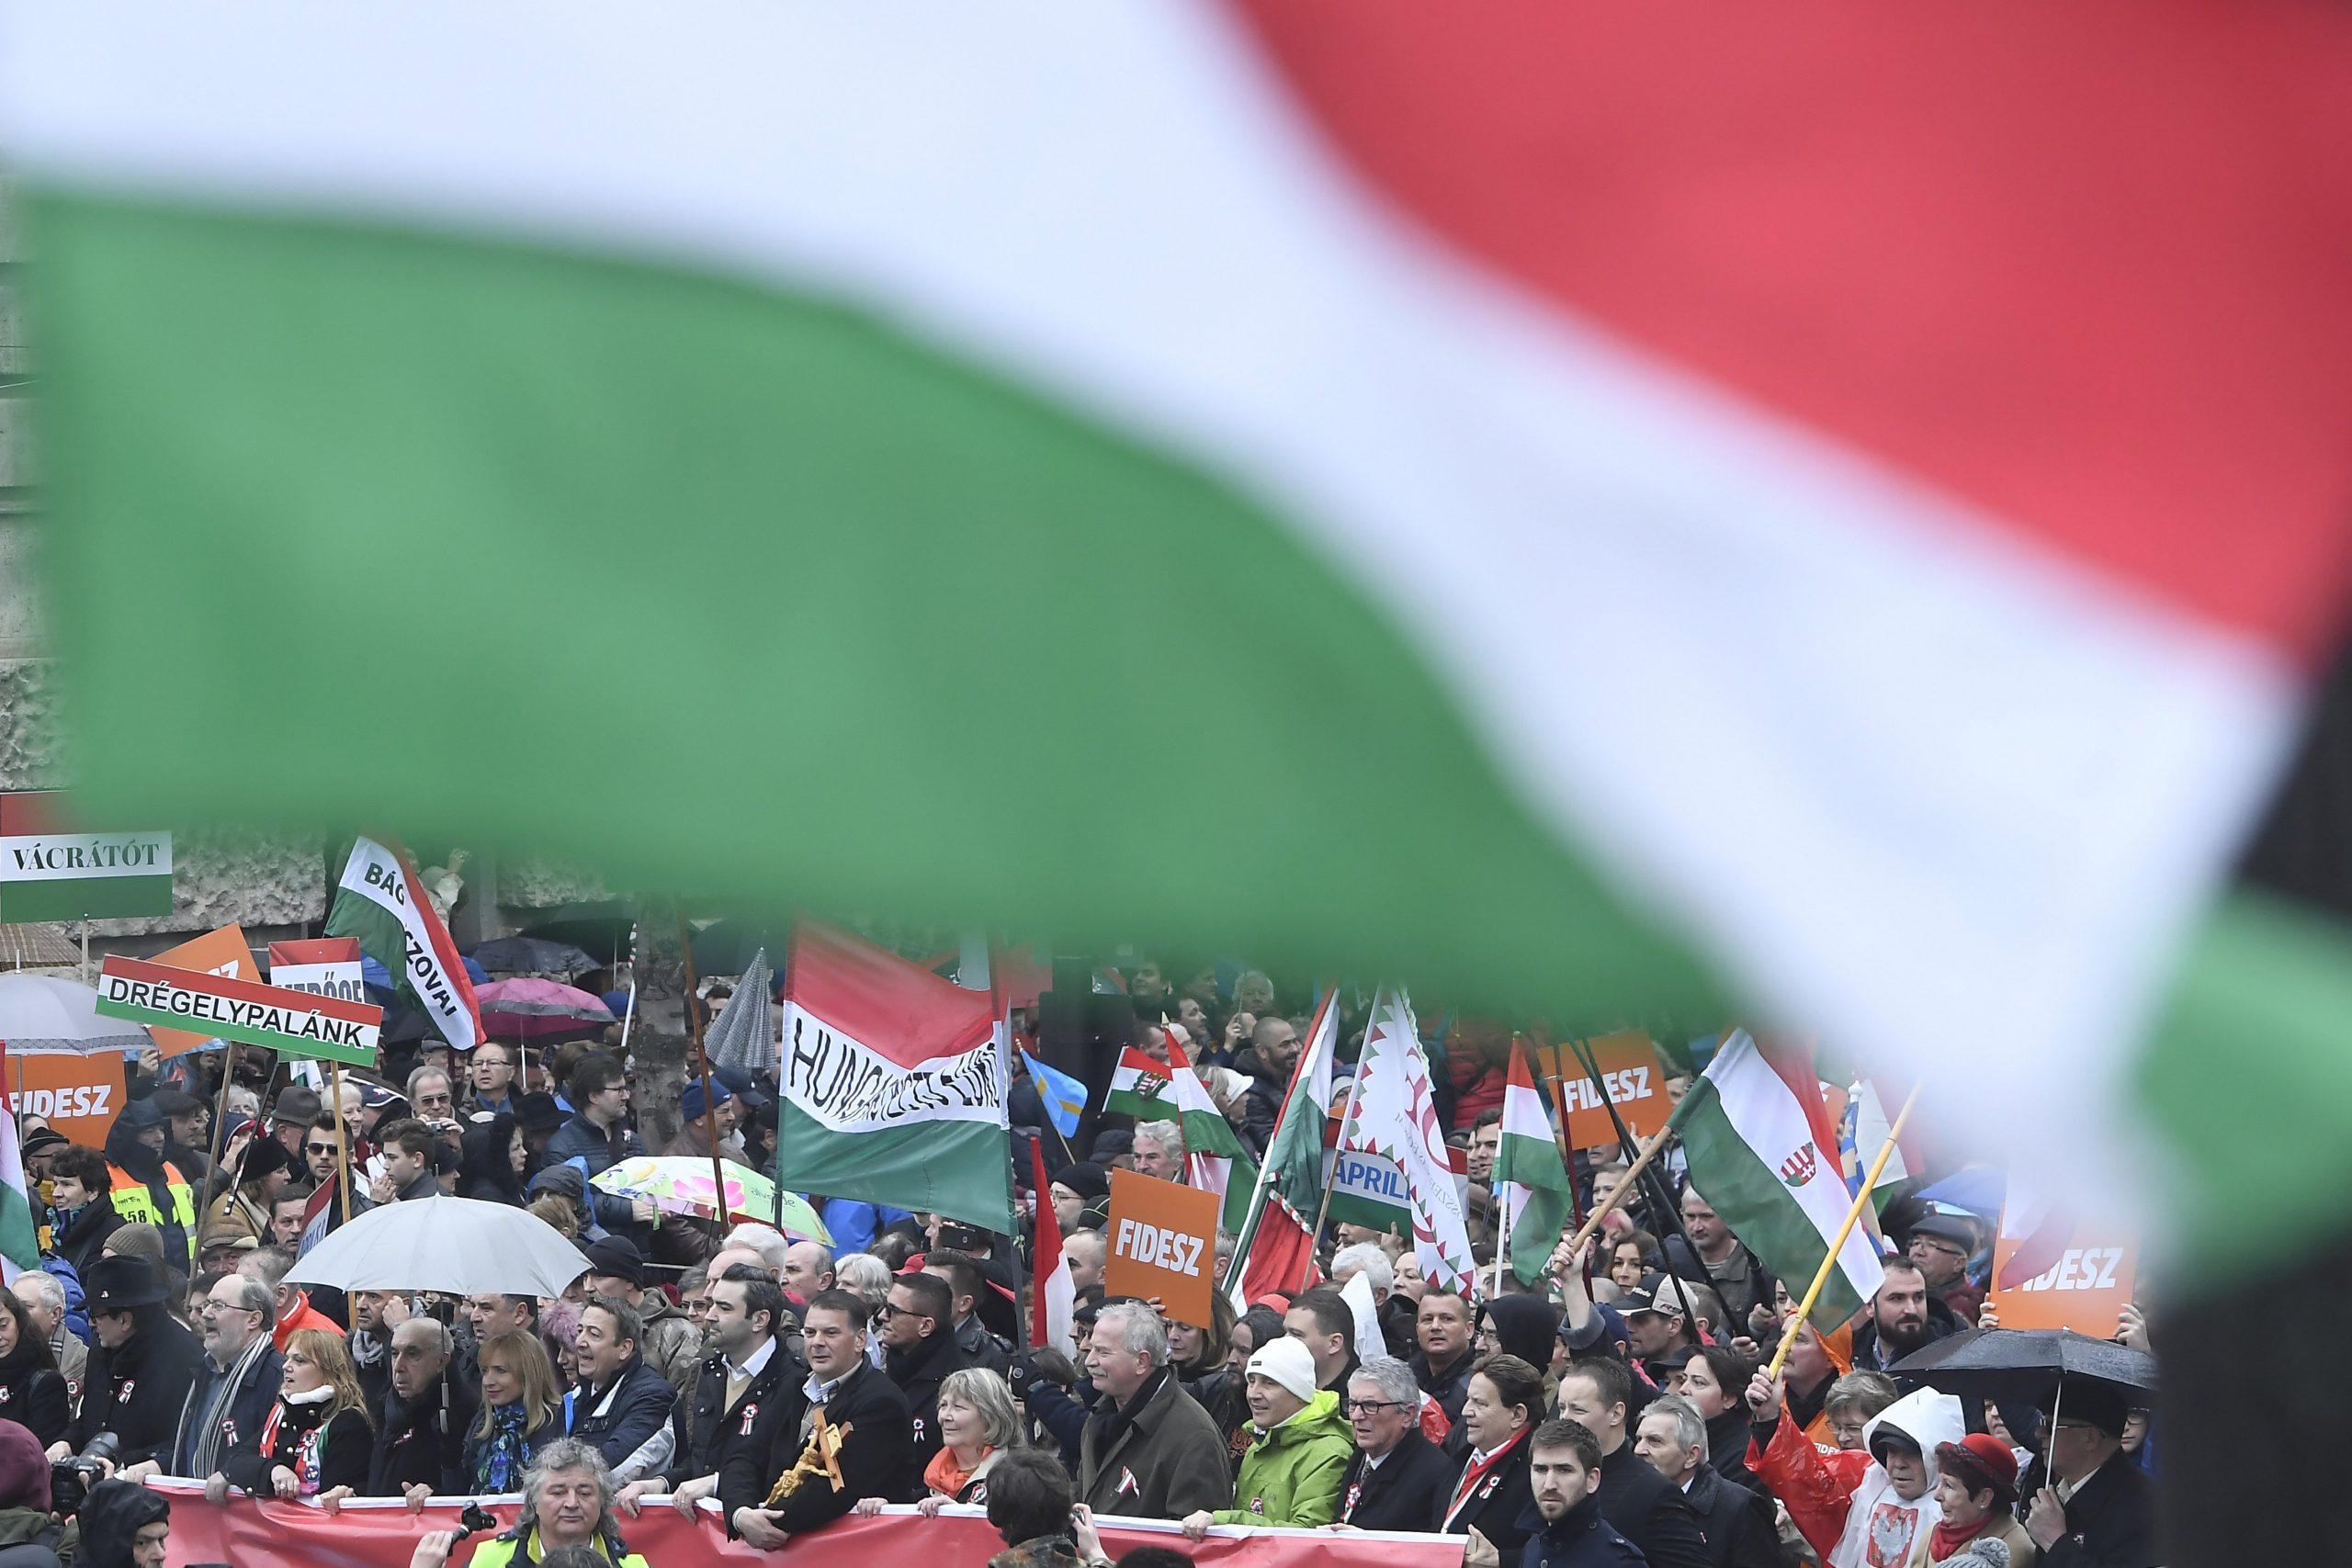 Nächster Friedensmarsch zur Unterstützung der Orbán-Regierung ist am 23. Oktober